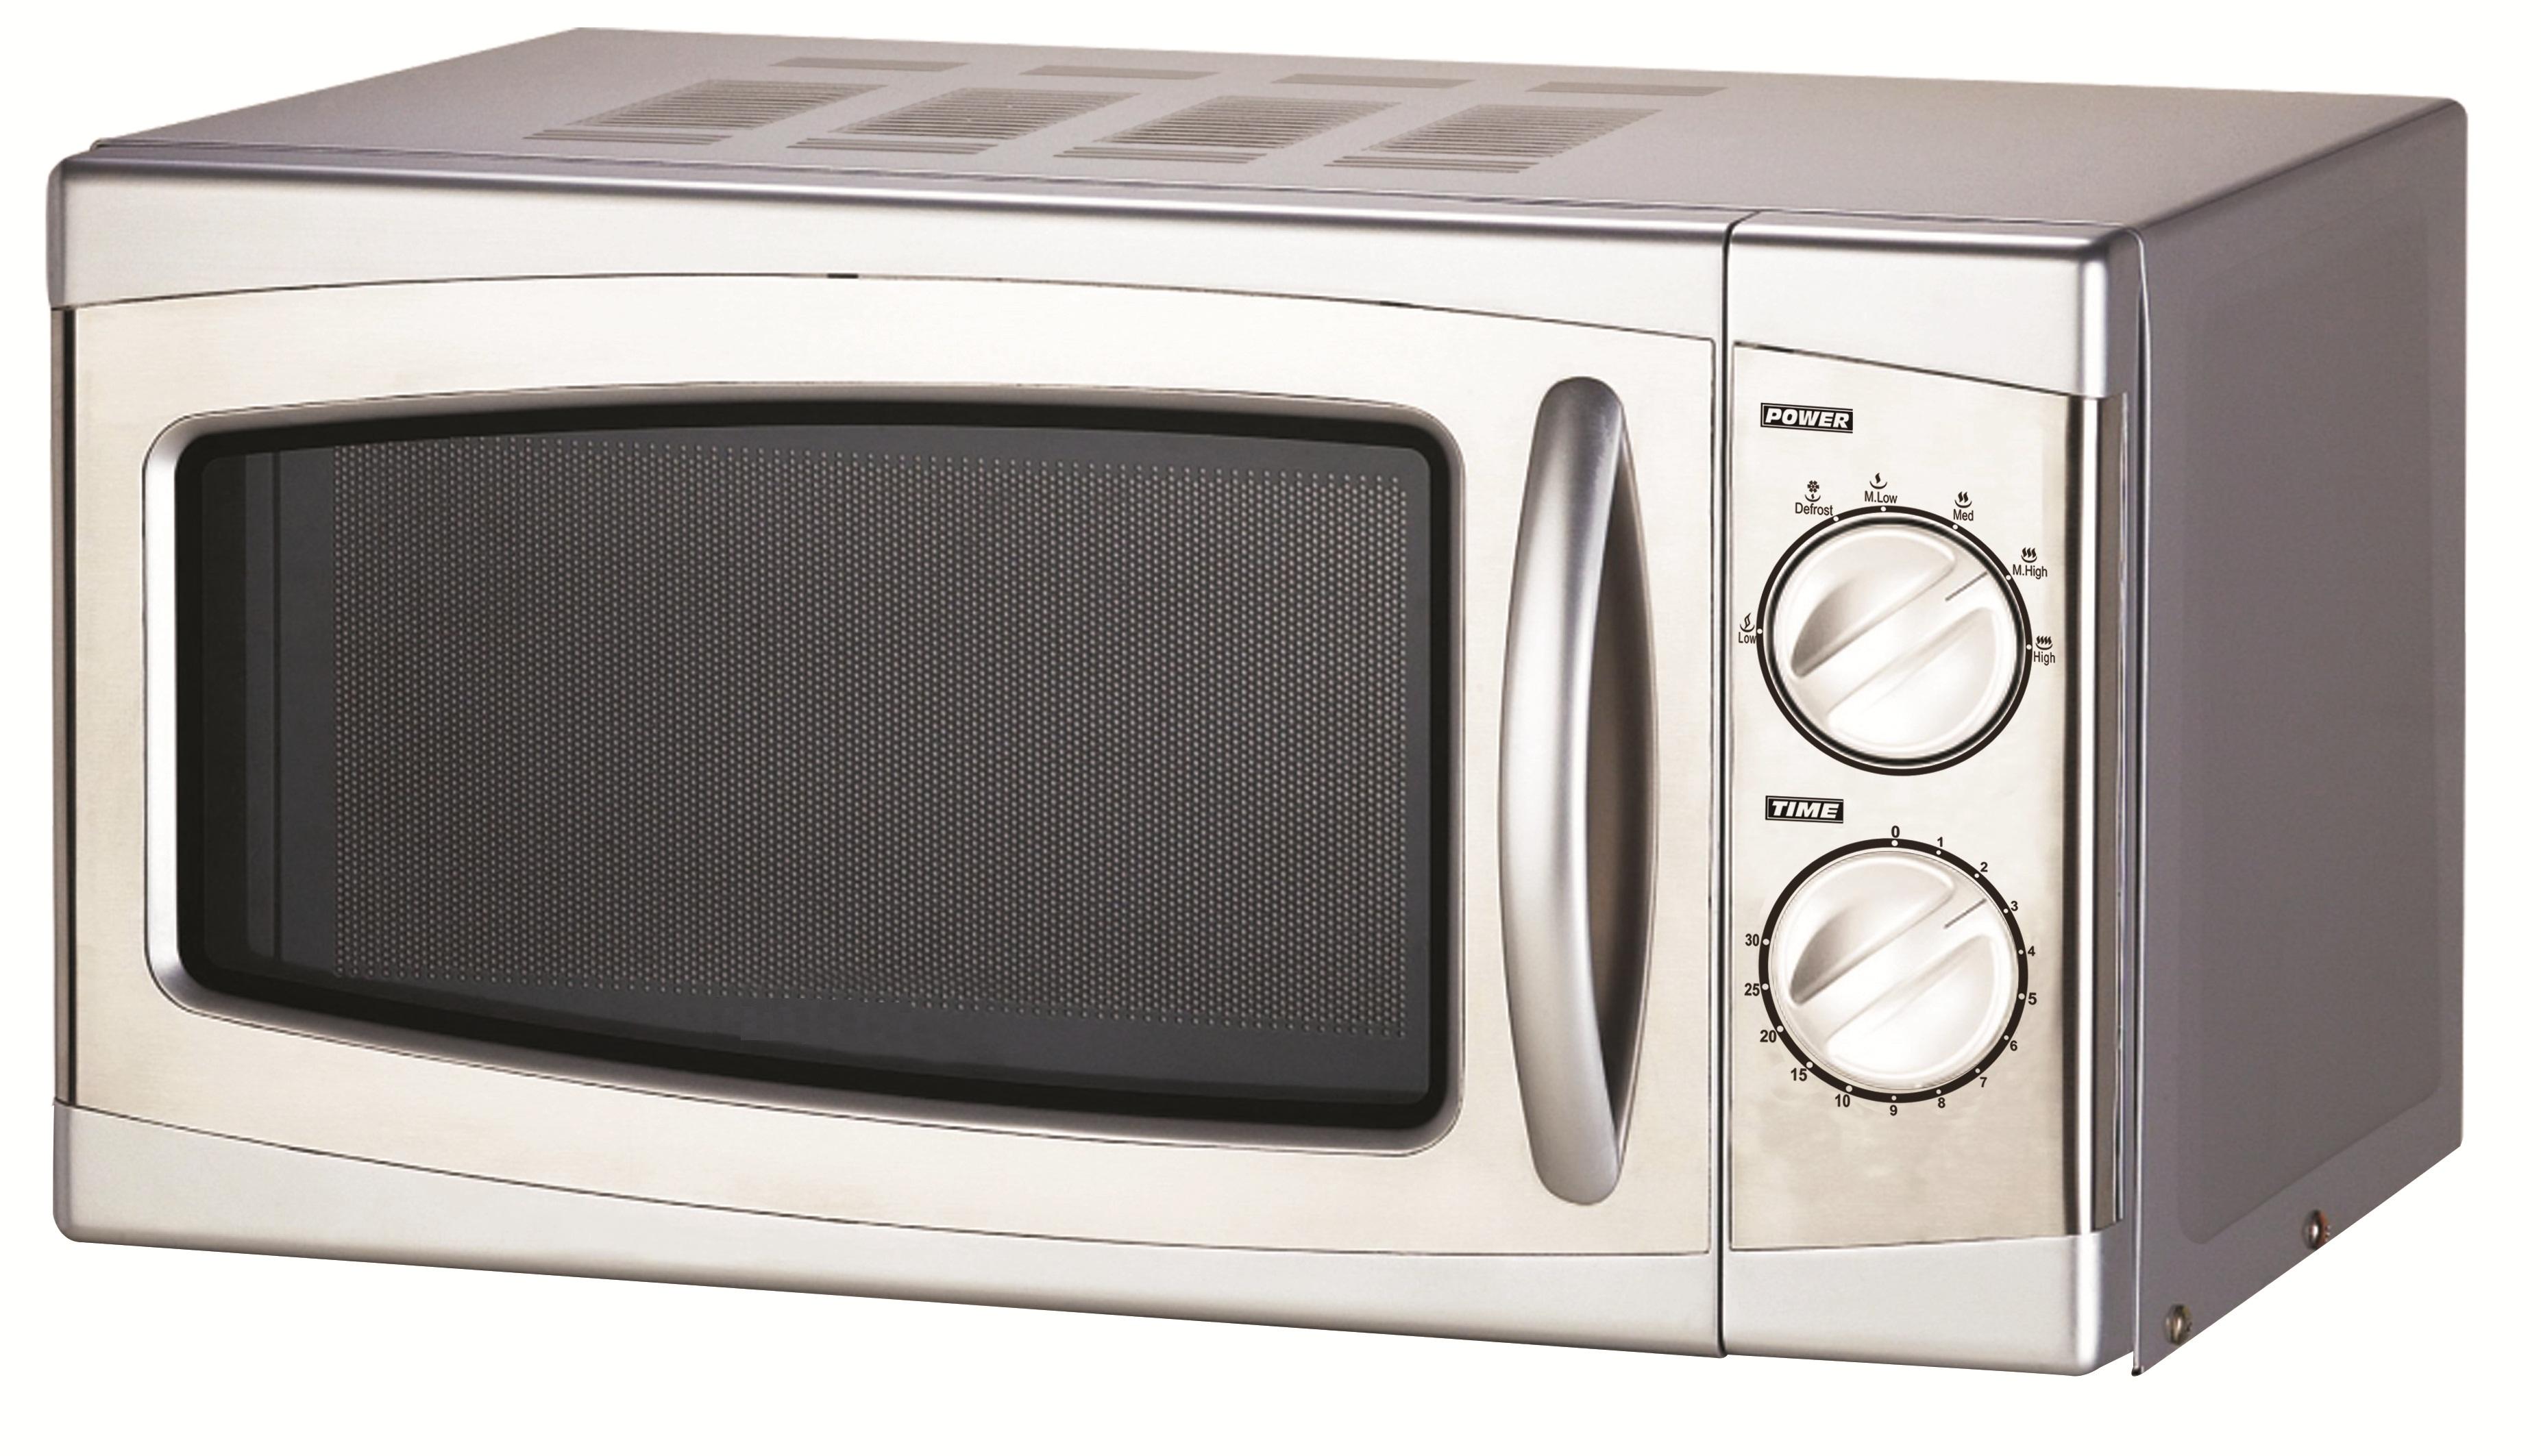 GASTRORAG WD700N20, Silver СВЧ-печь - СВЧ-печи